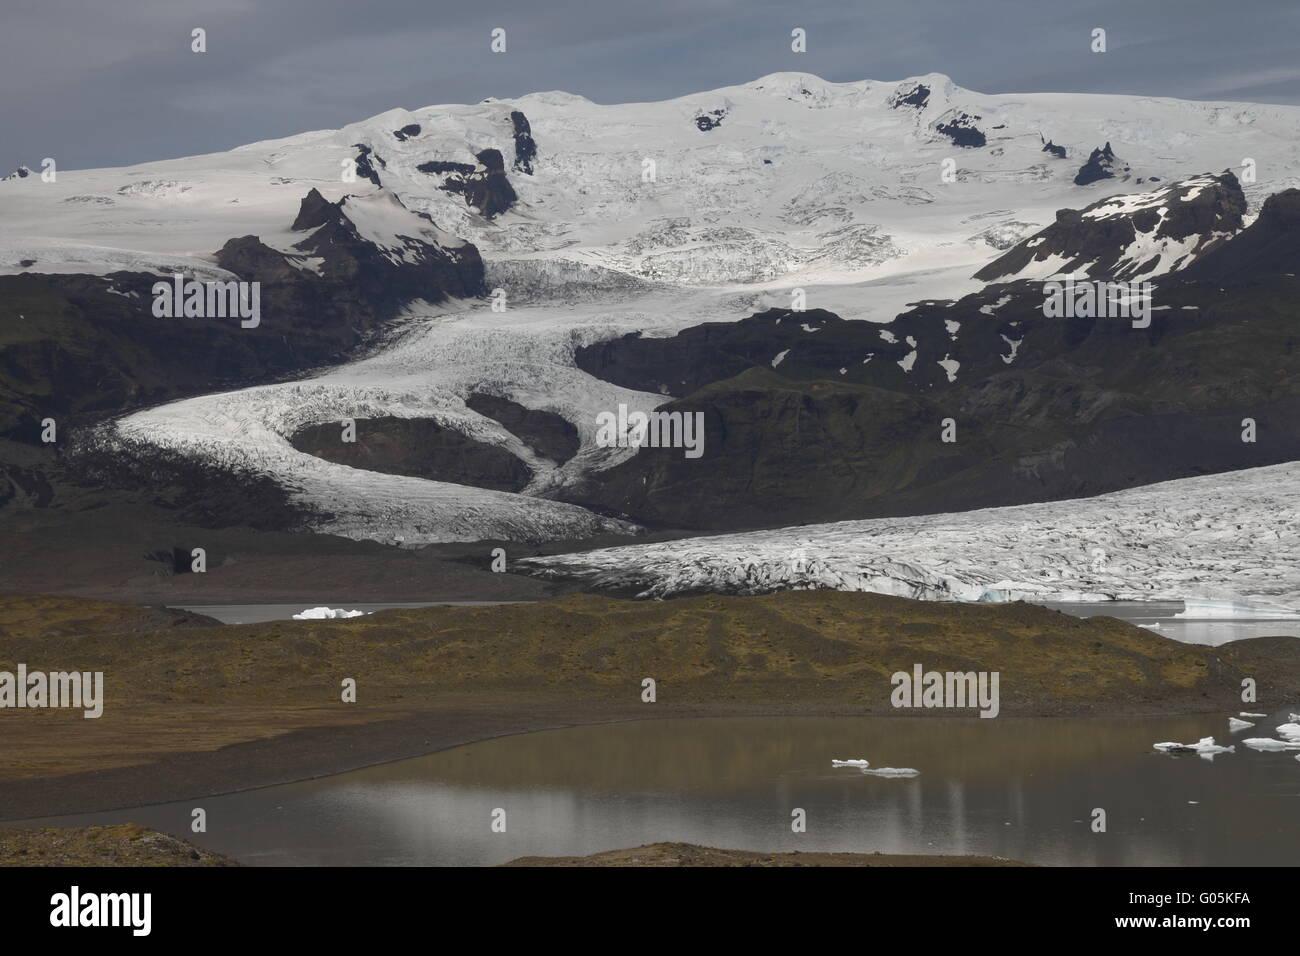 Hrútárjökull - einer der Outlet-Gletscher (Gletscherzungen) der Vatnajökull-Eiskappe, die größten Stockbild